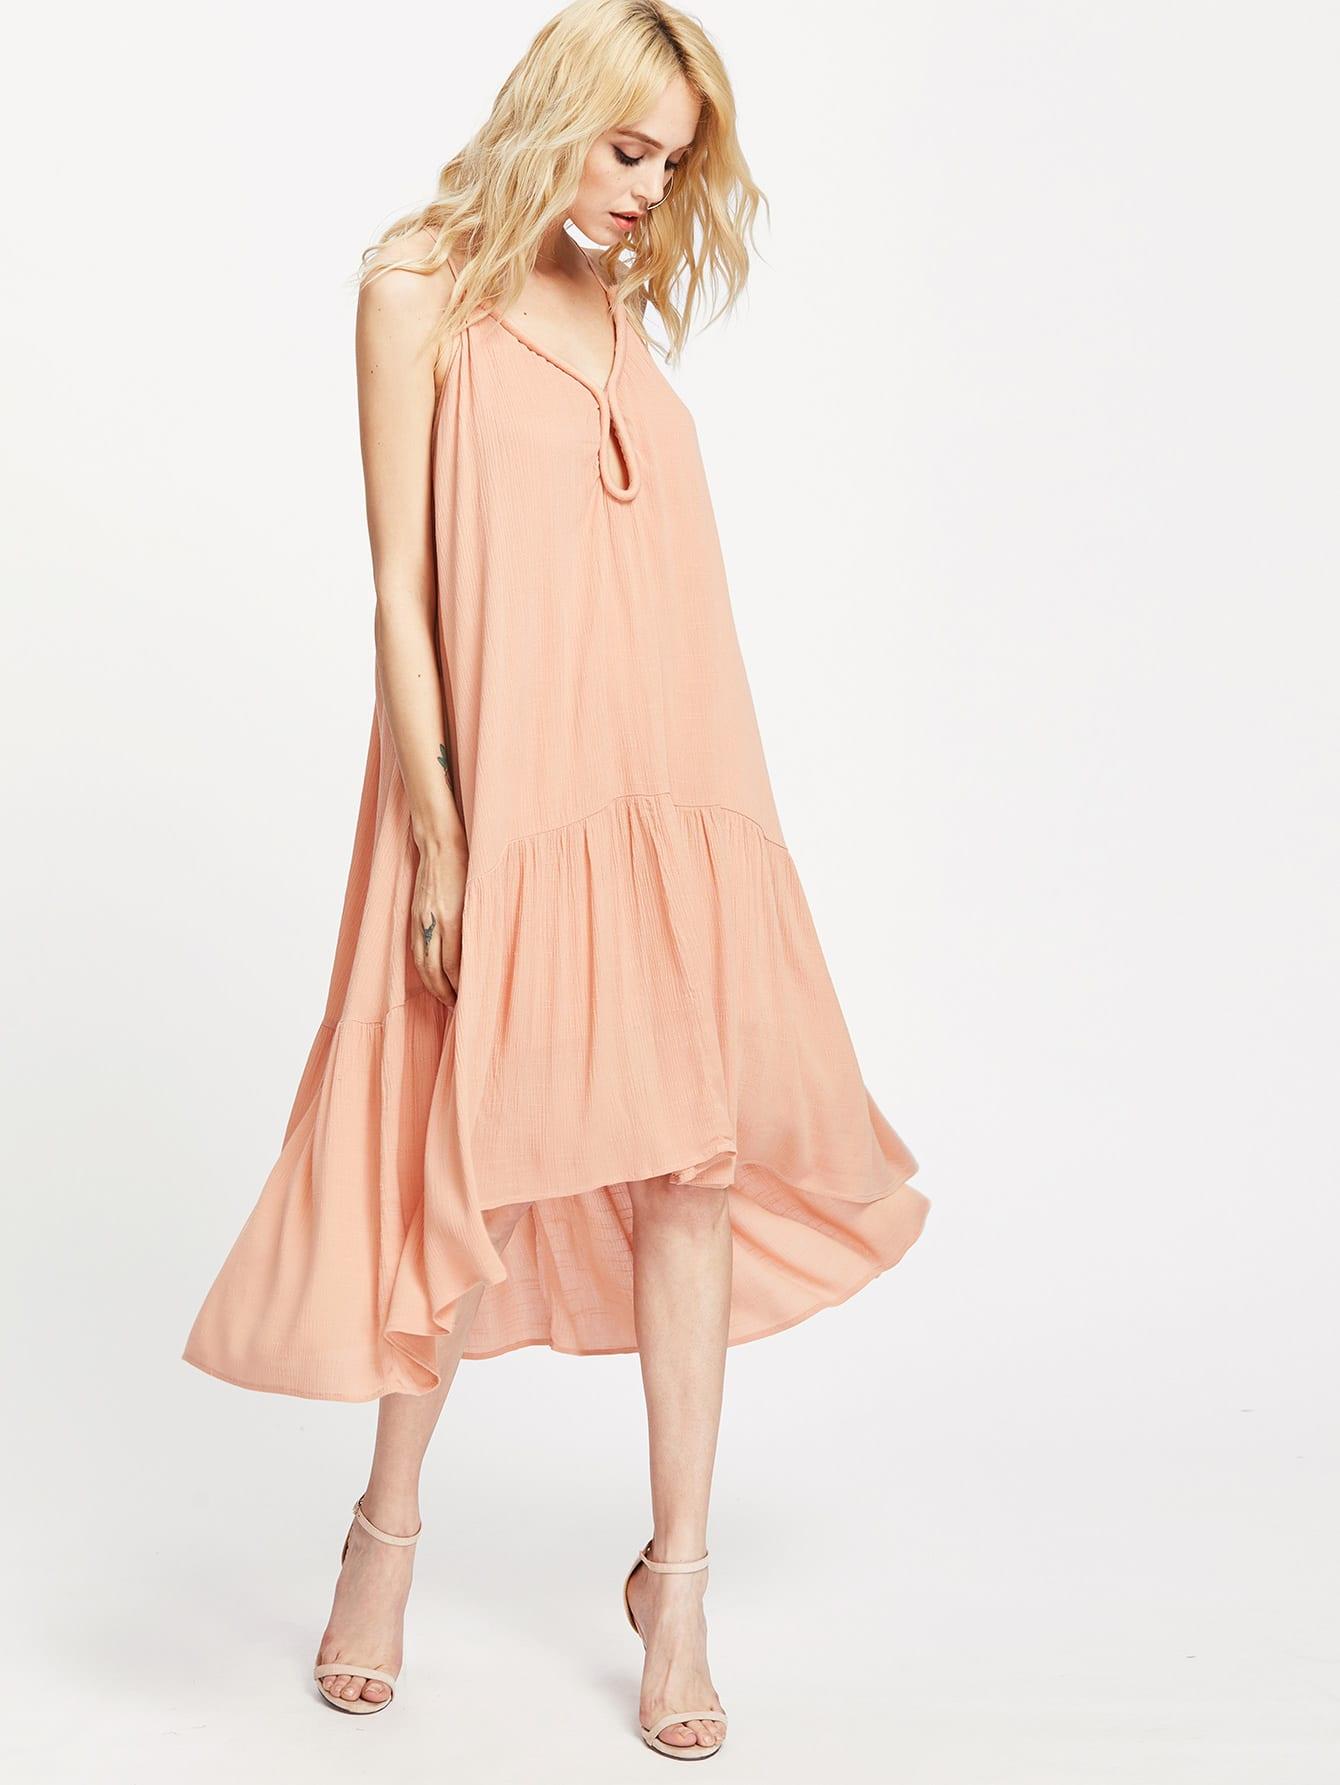 dress170221707_2